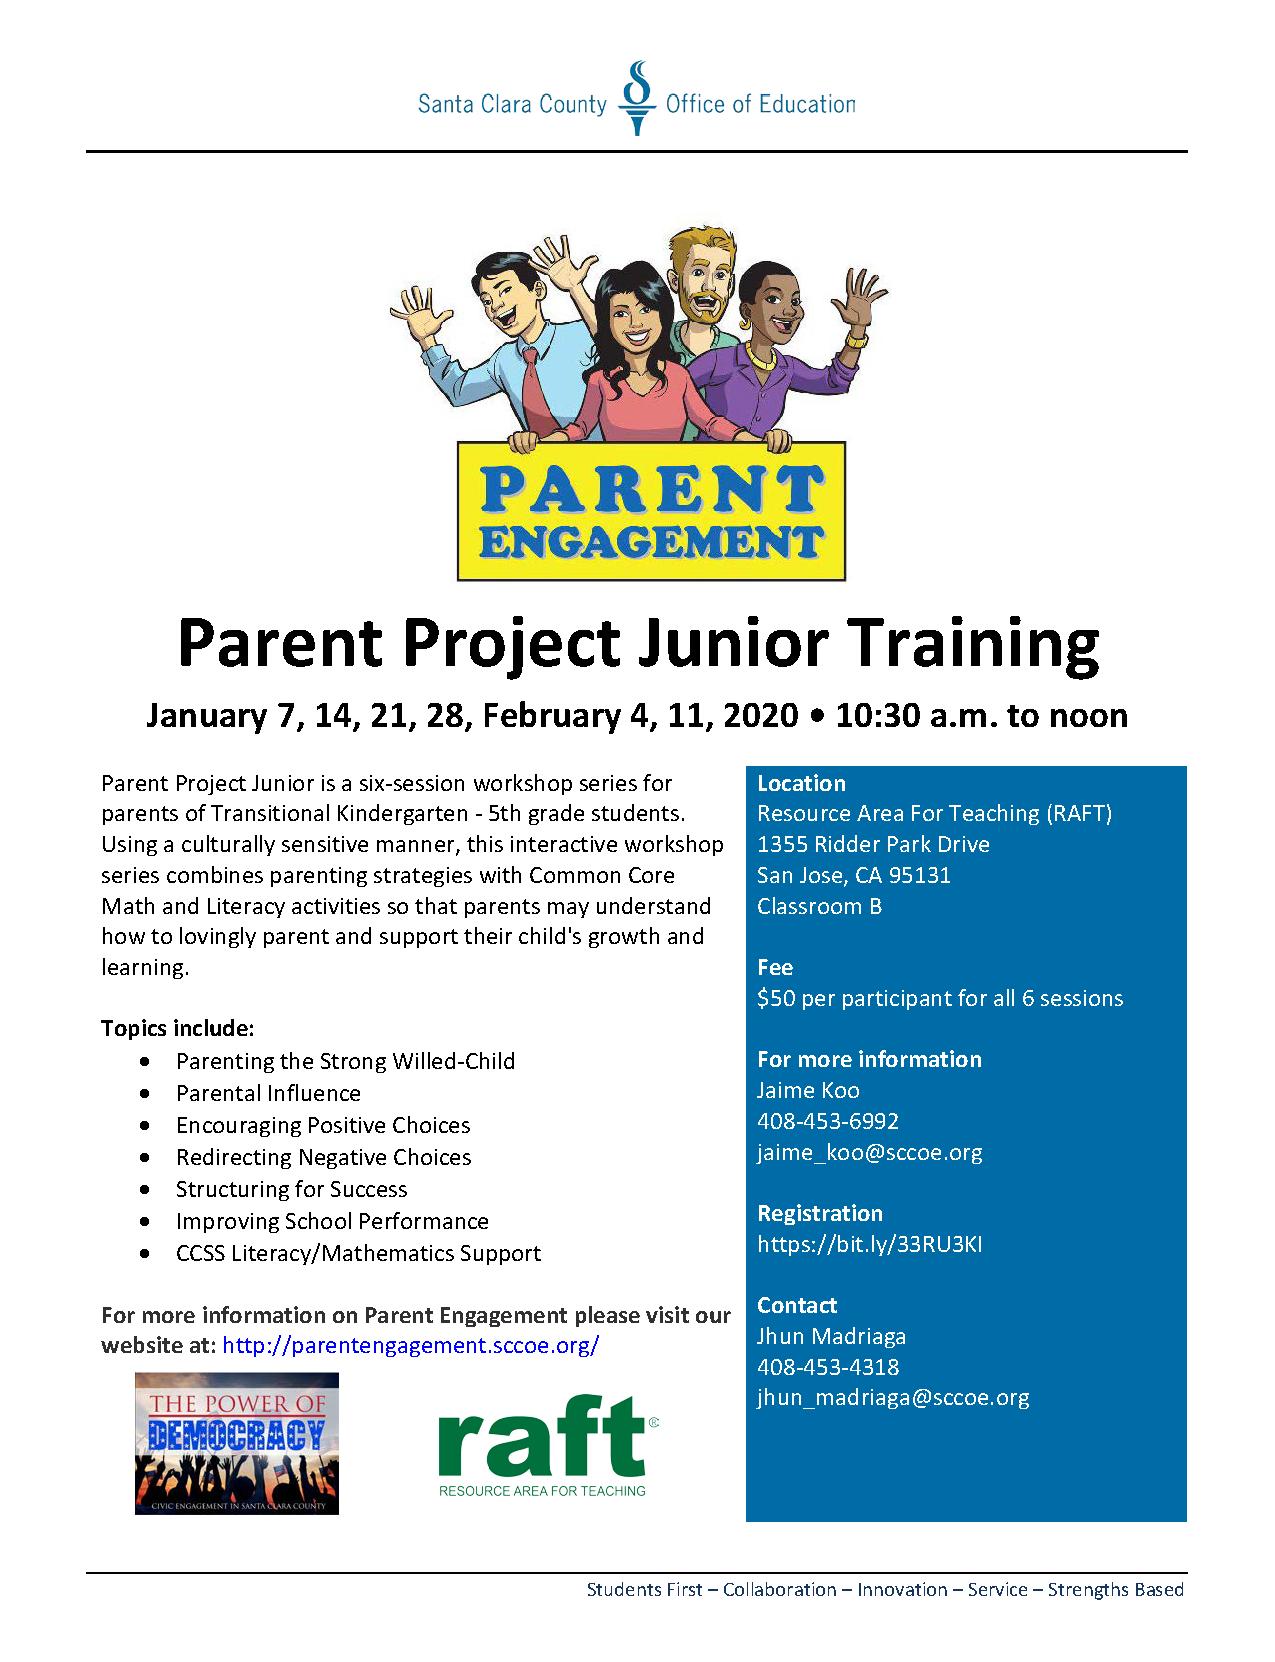 PPJ Training January 2020